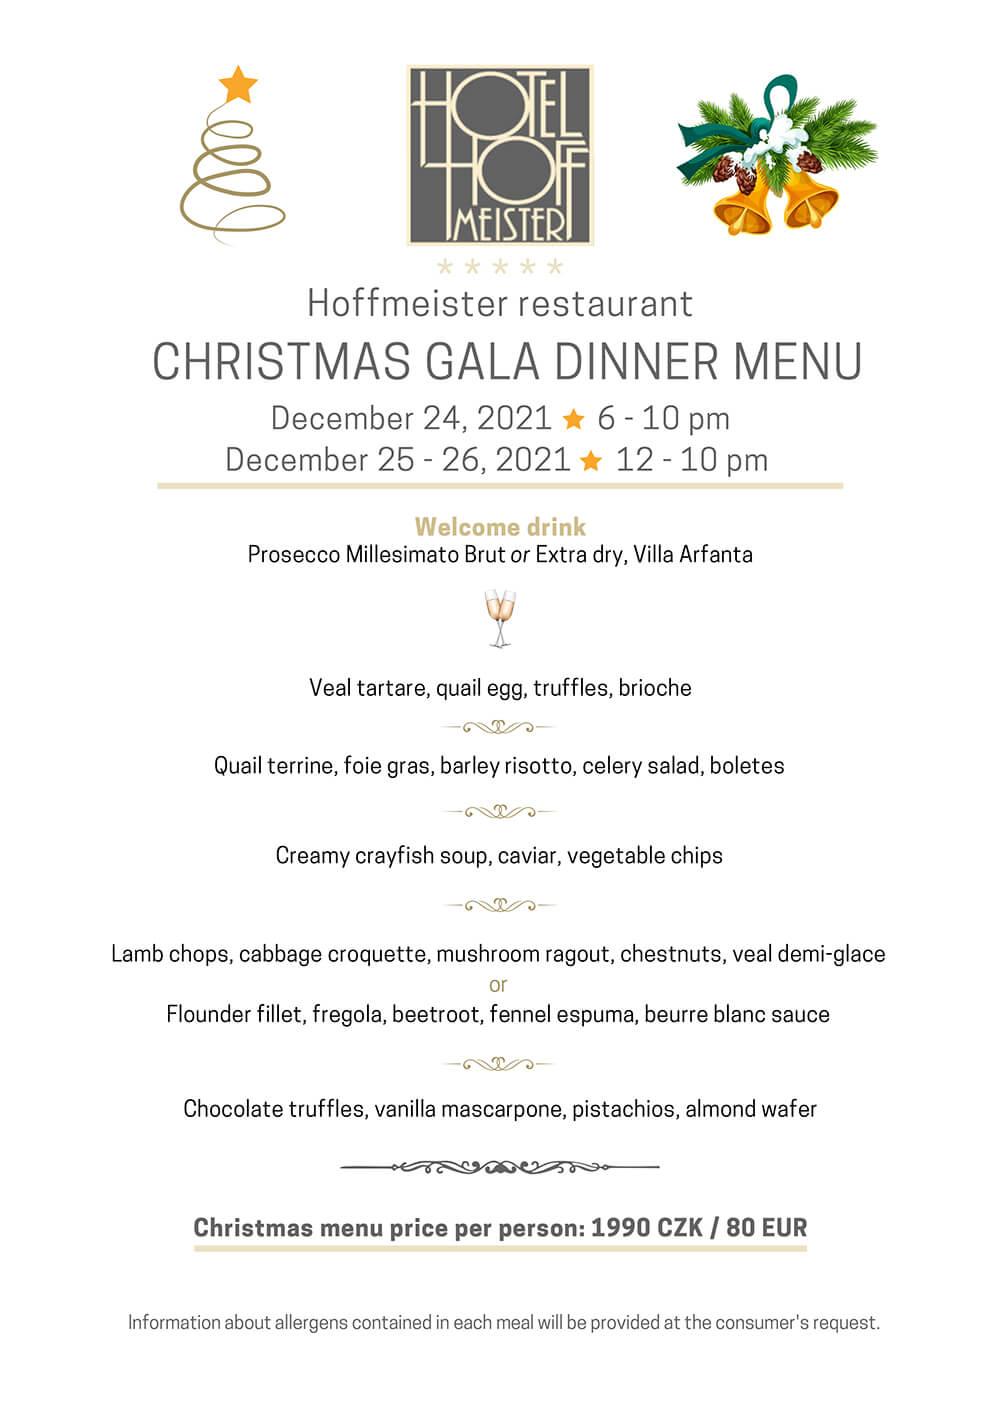 Christmas gala dinner menu